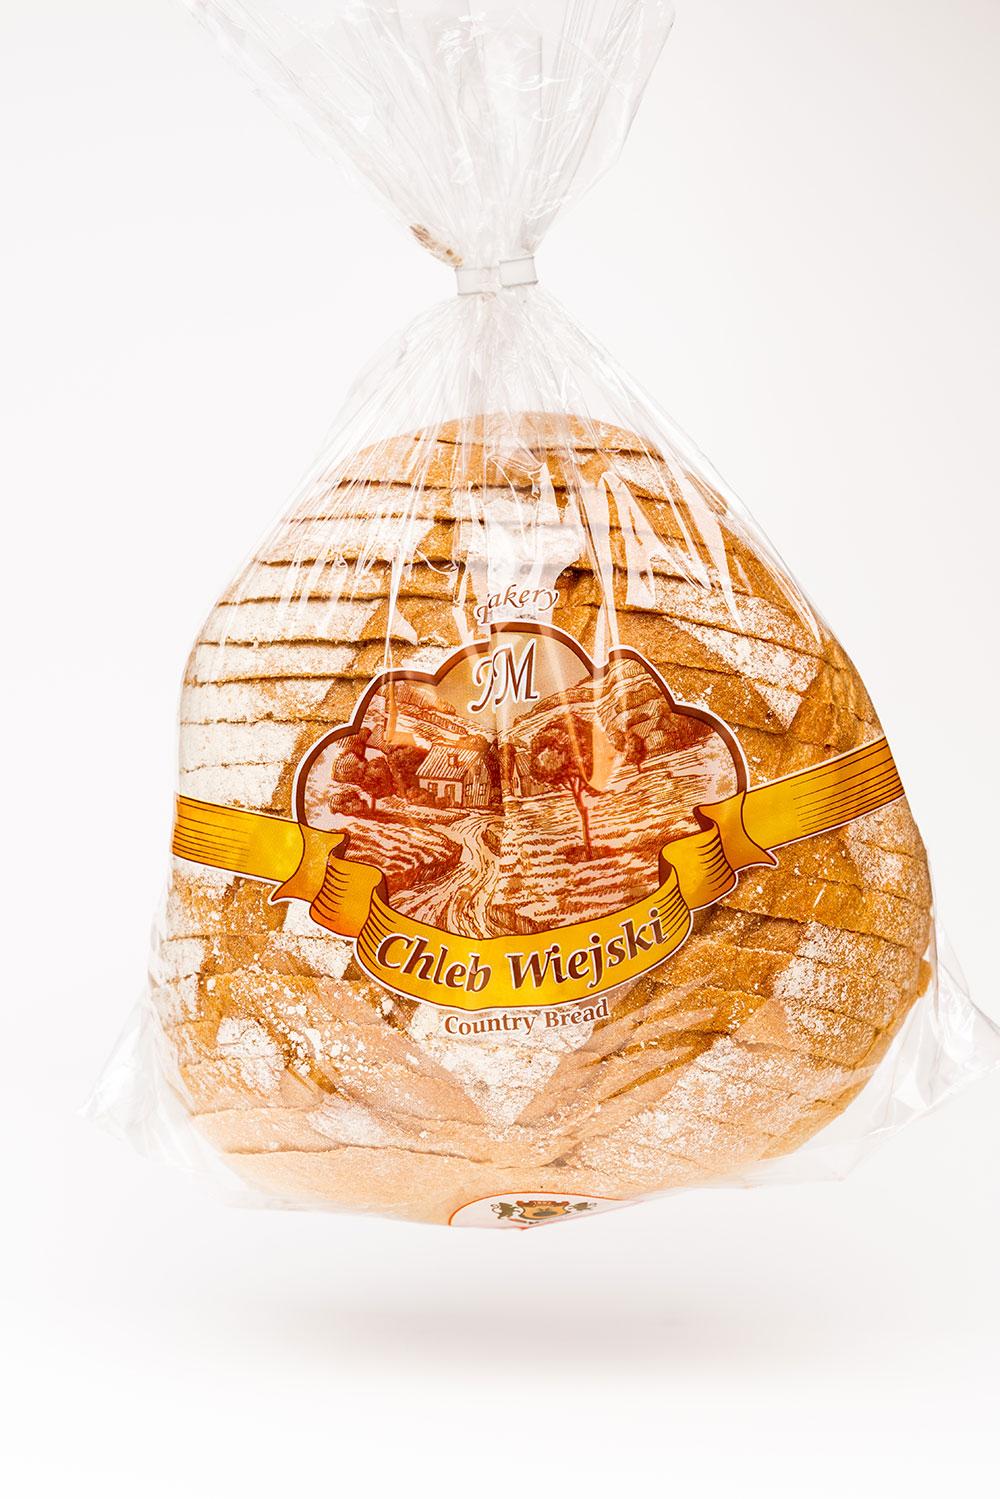 Country Bread – Chleb Wiejski